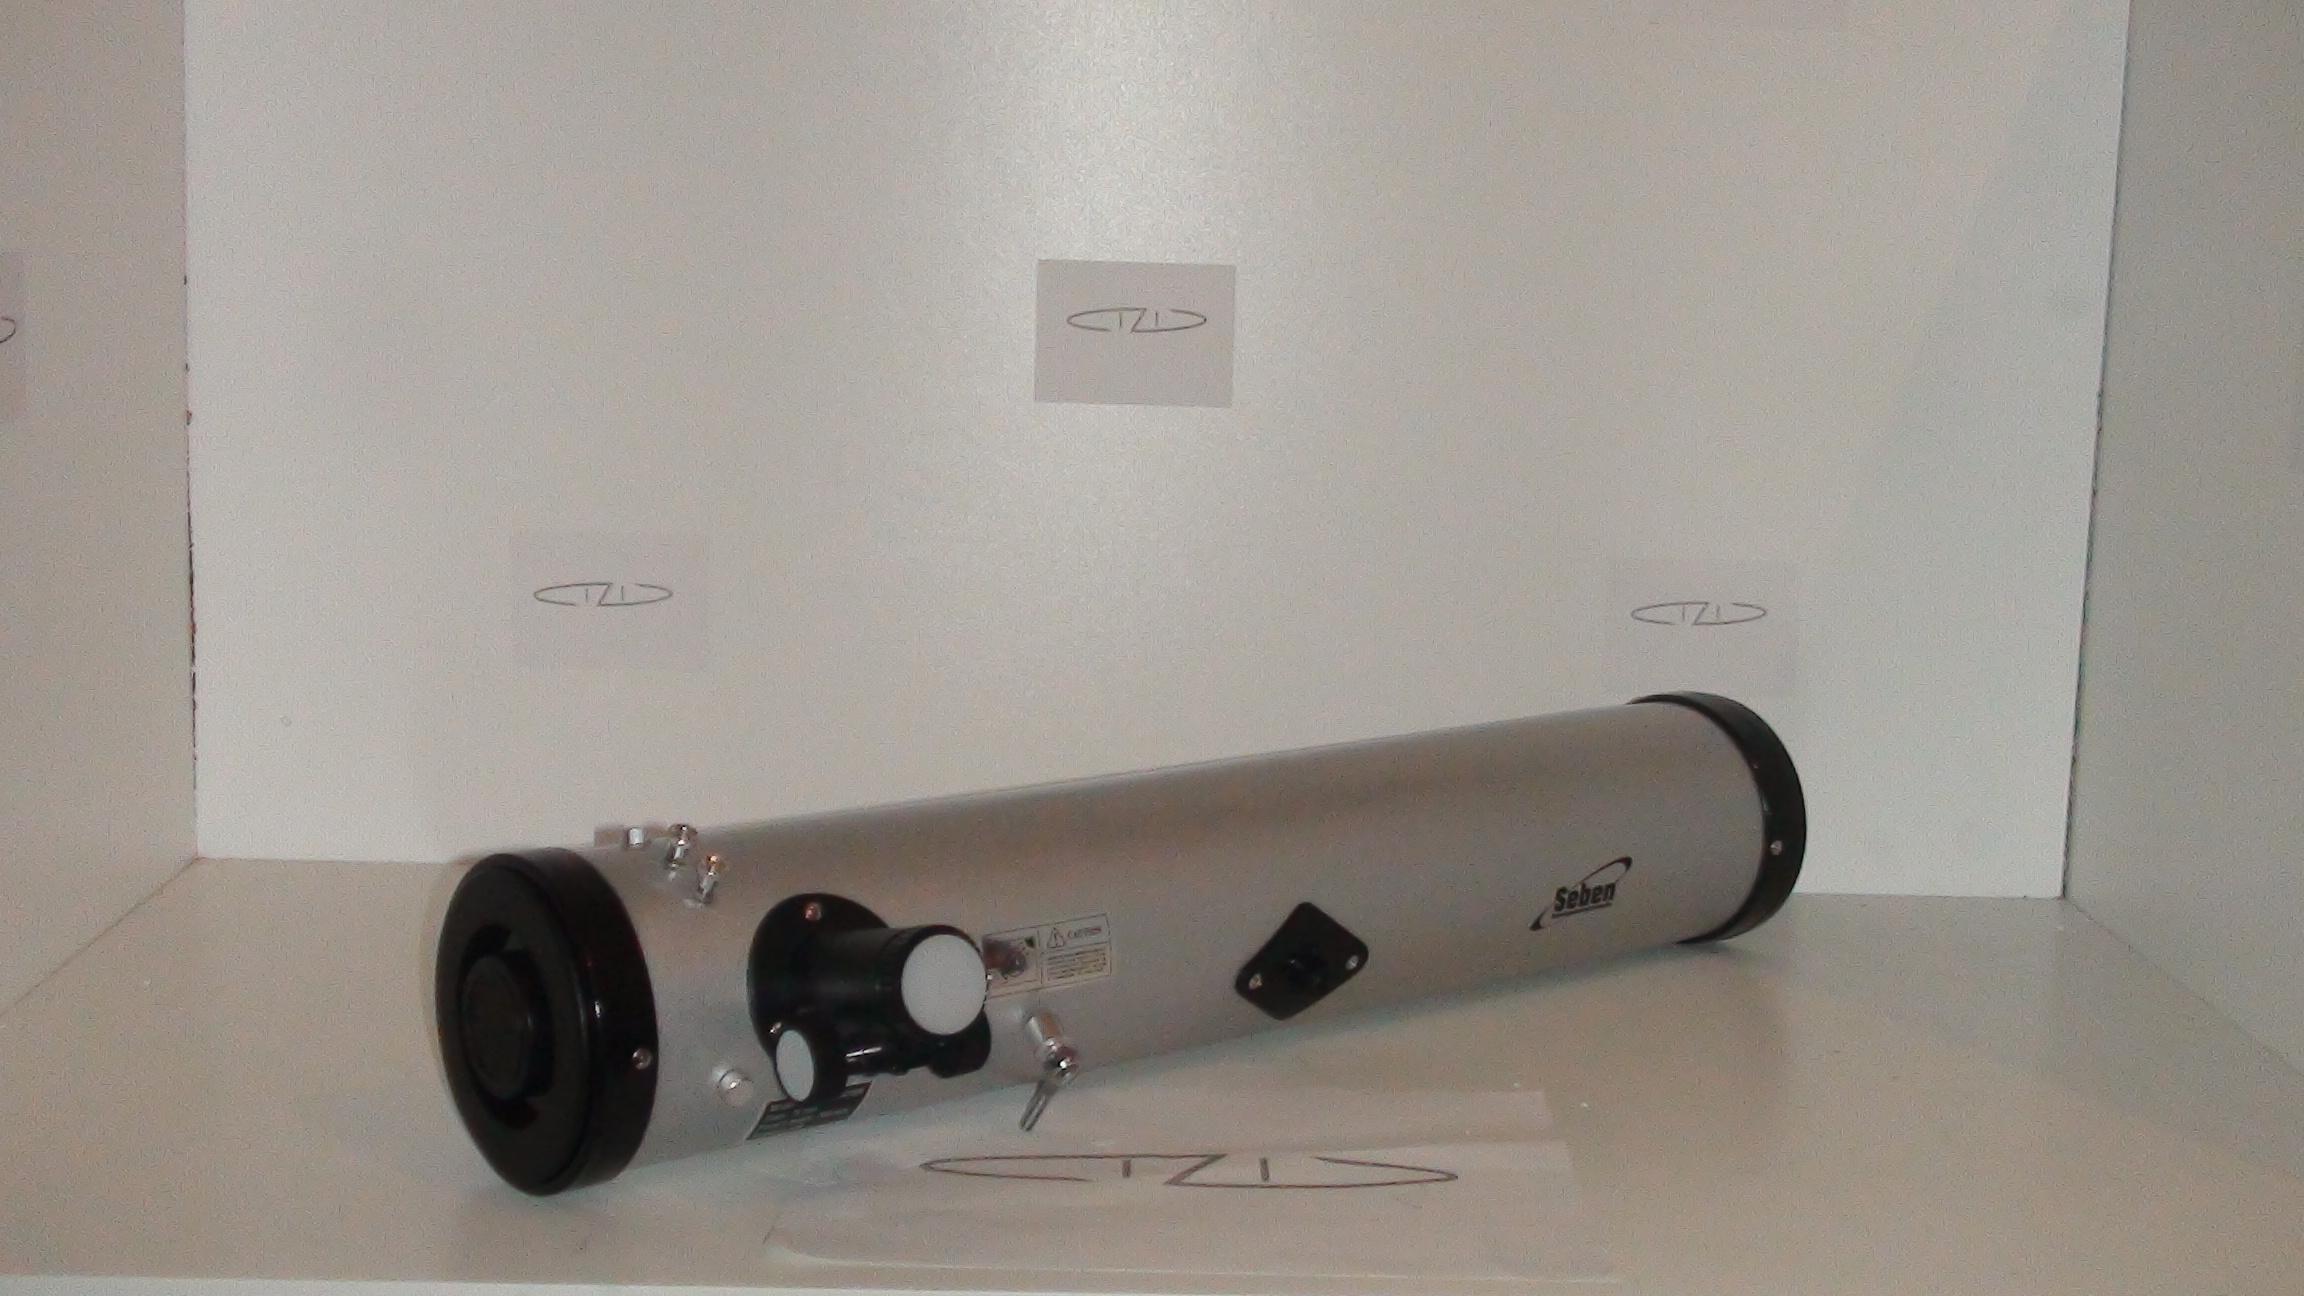 Teleskop seben 700 76 700 76 7239071047 oficjalne archiwum allegro